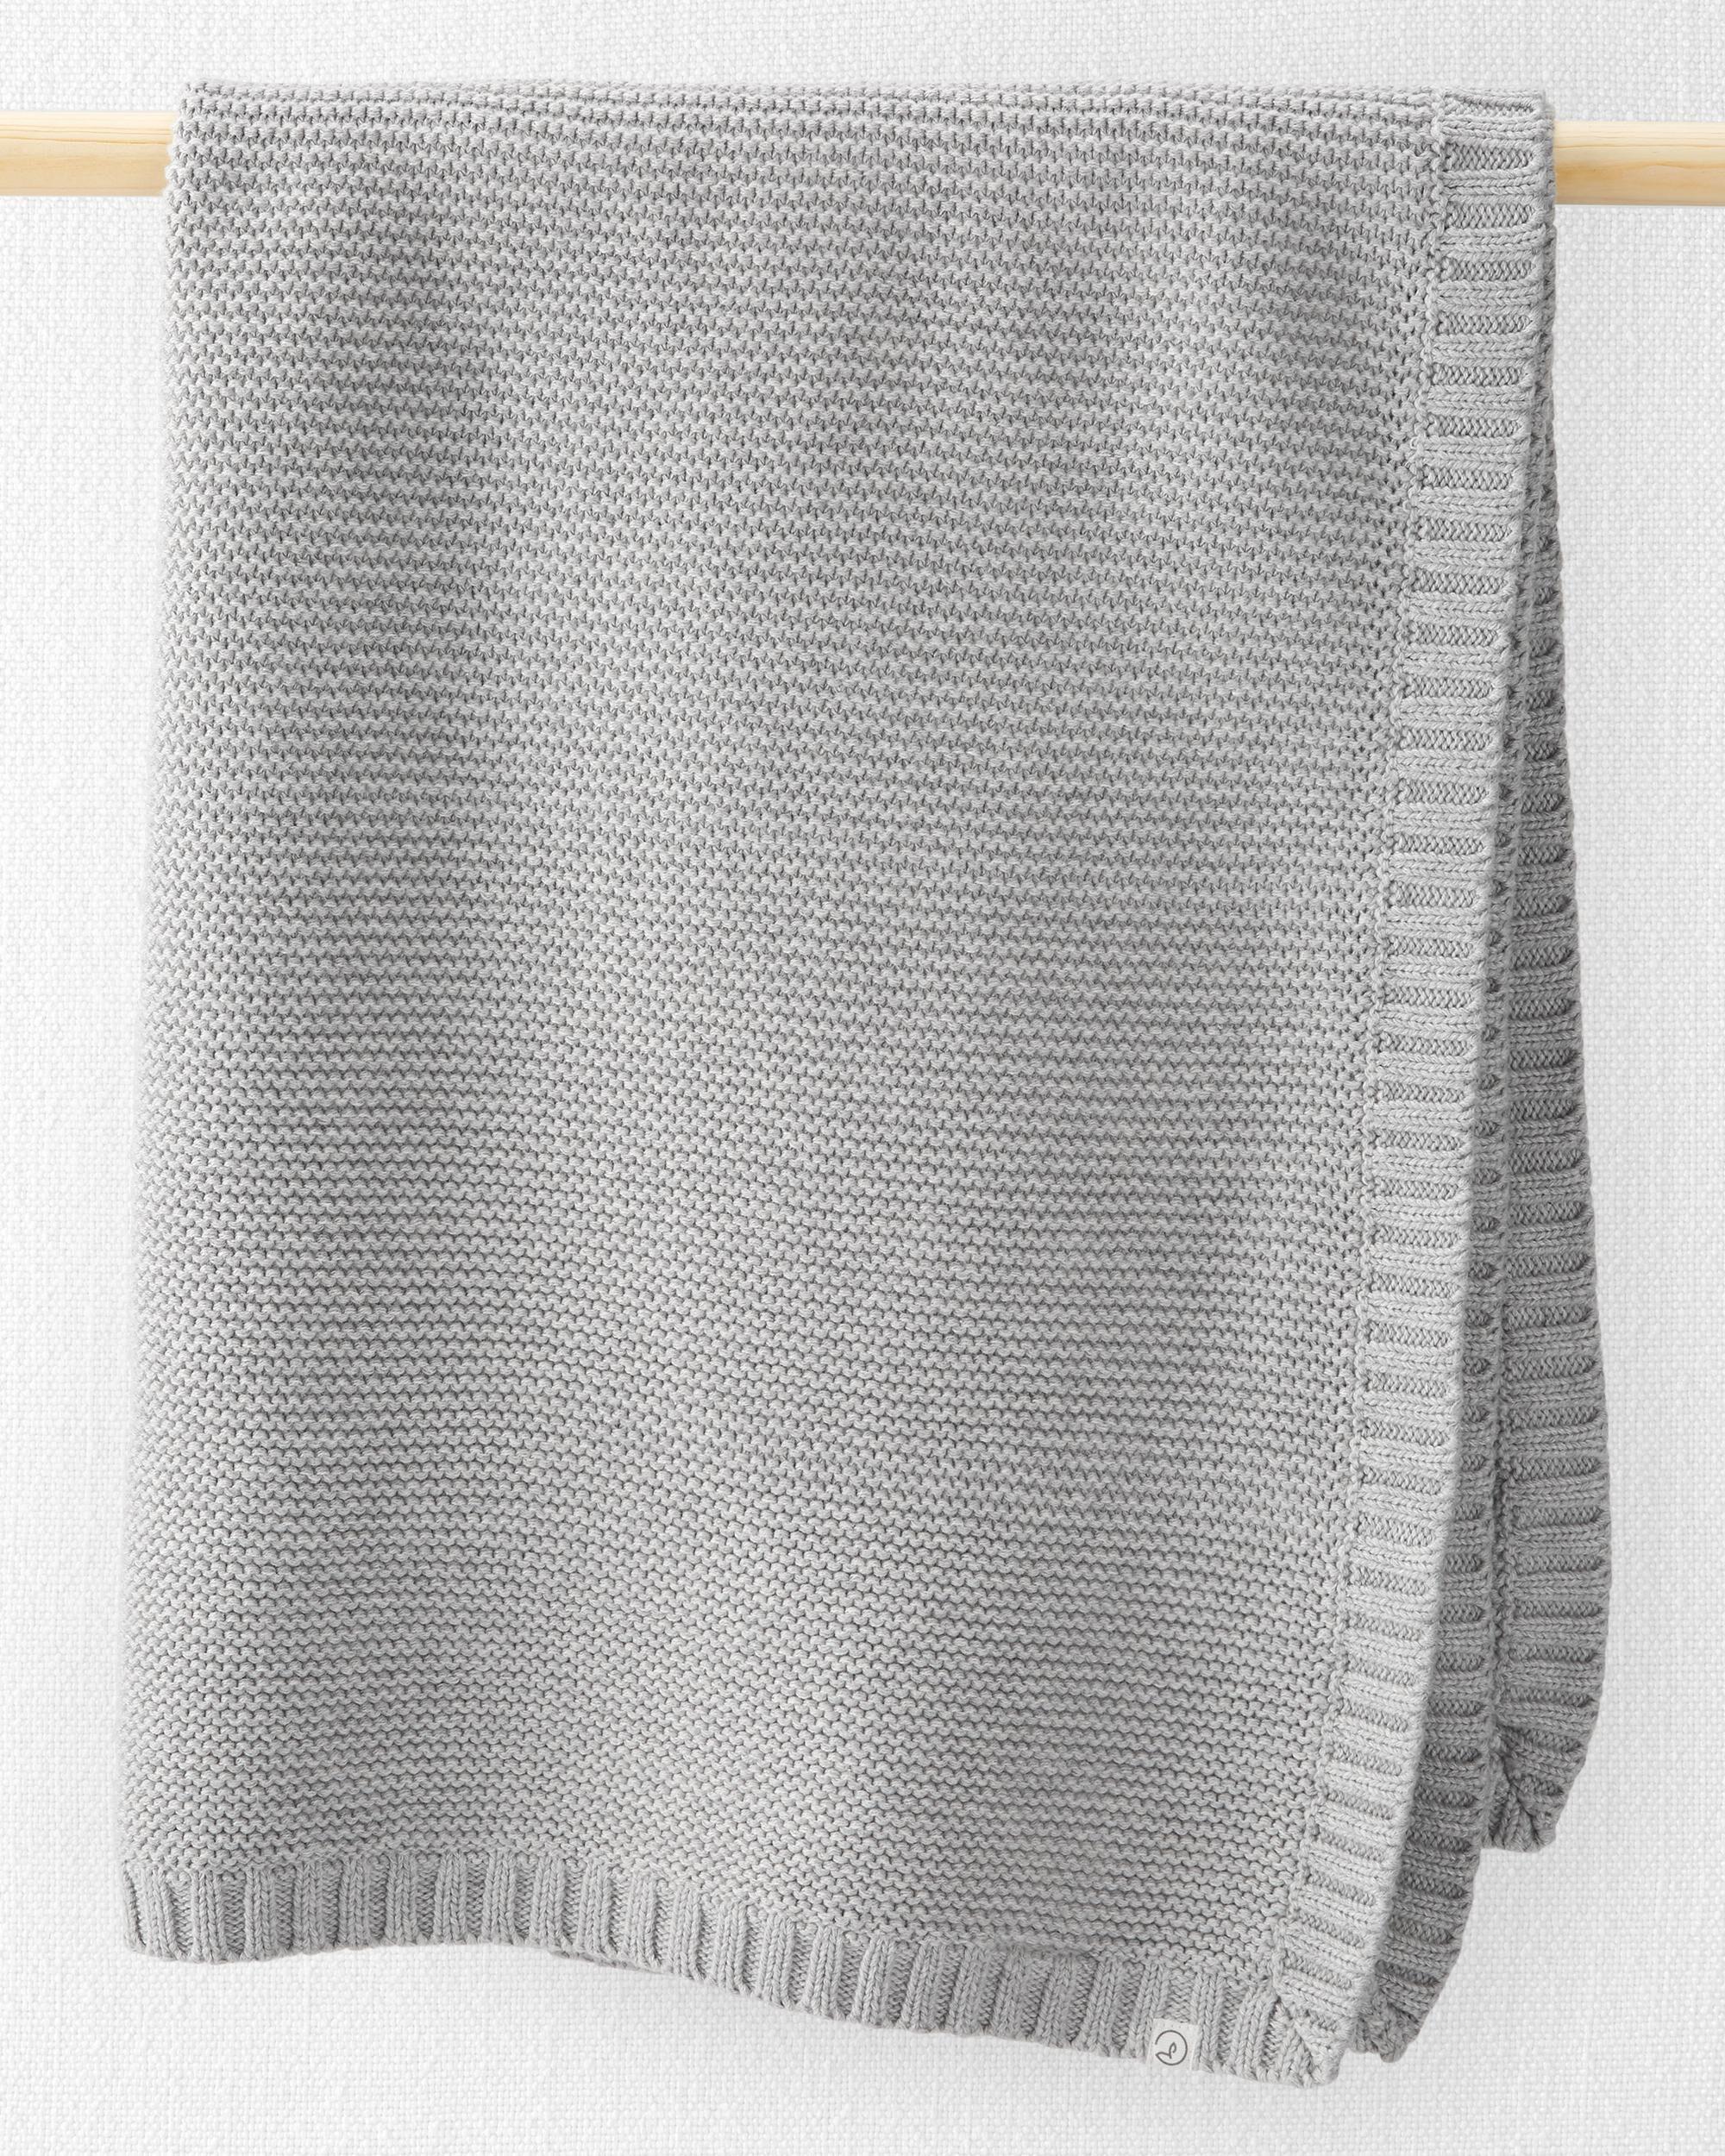 Oshkoshbgosh Organic Cotton Seed Stitch Blanket